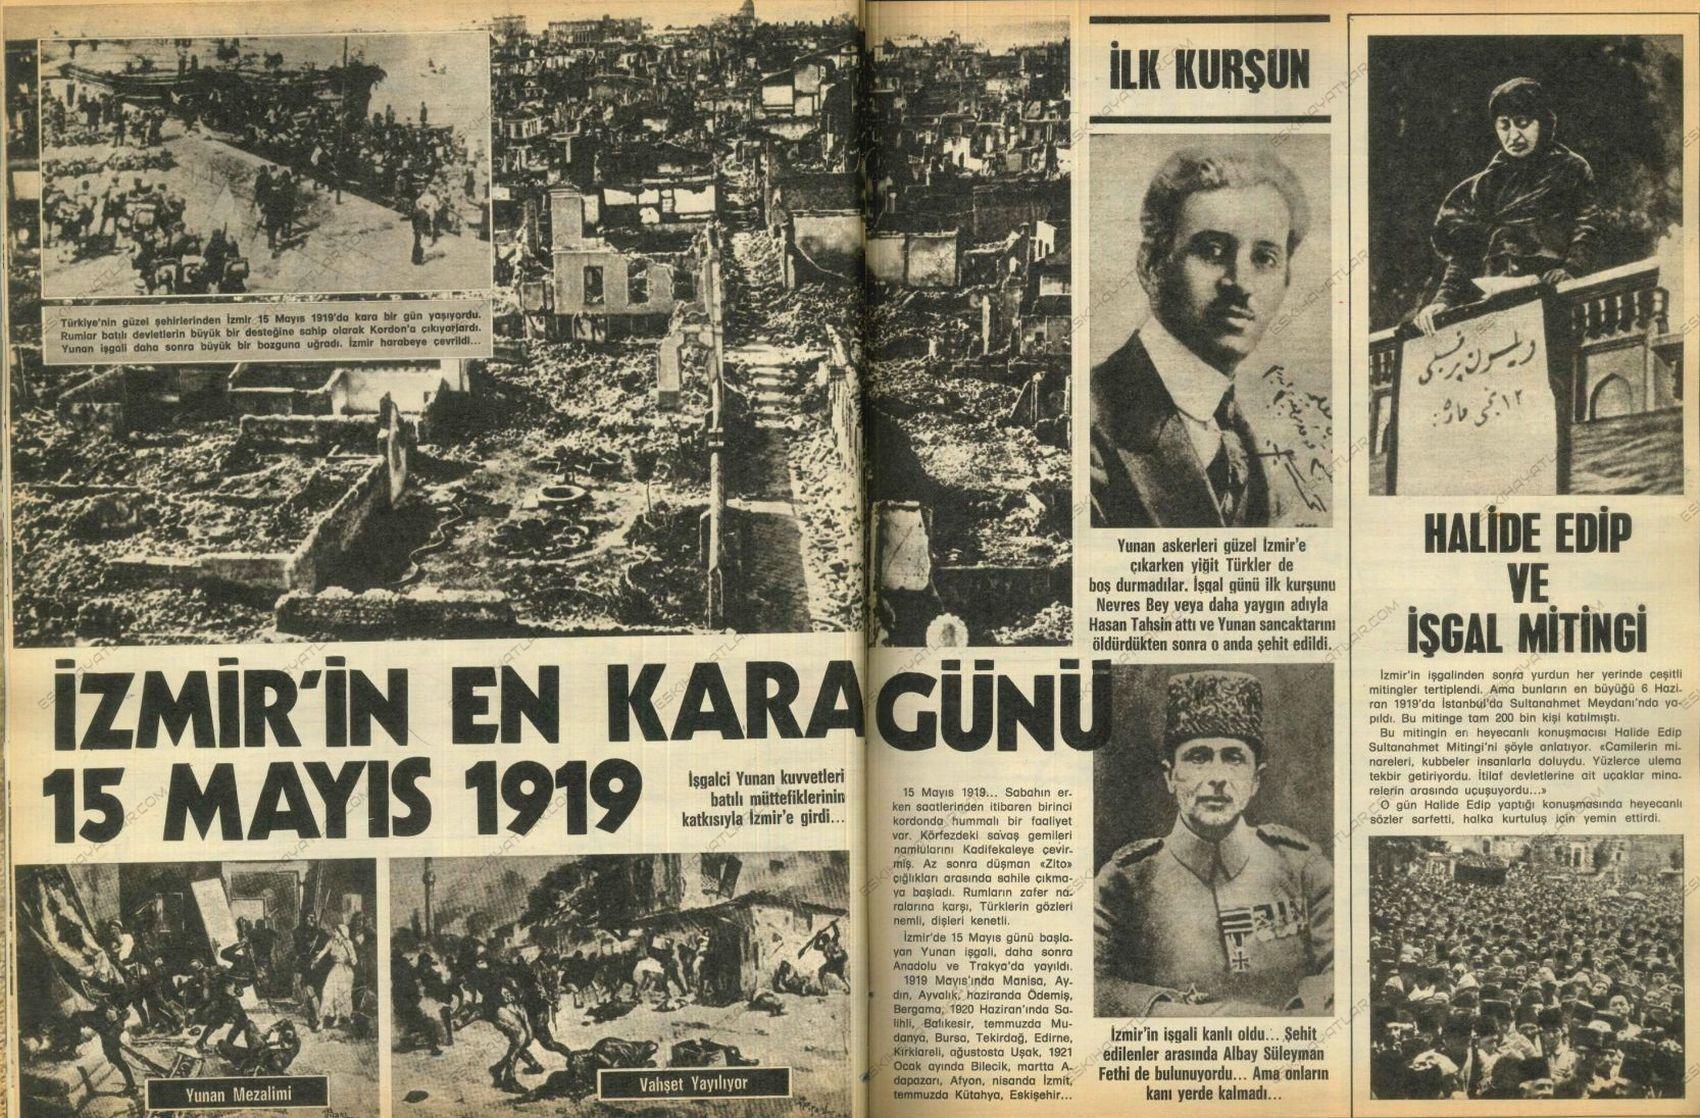 0650-mustafa-kemal-ataturk-istiklal-savasi-fotograflari-cumhuriyet-ilani-buyuk-taarruz-1983-hayat-dergisi-ozel-ekleri (3)